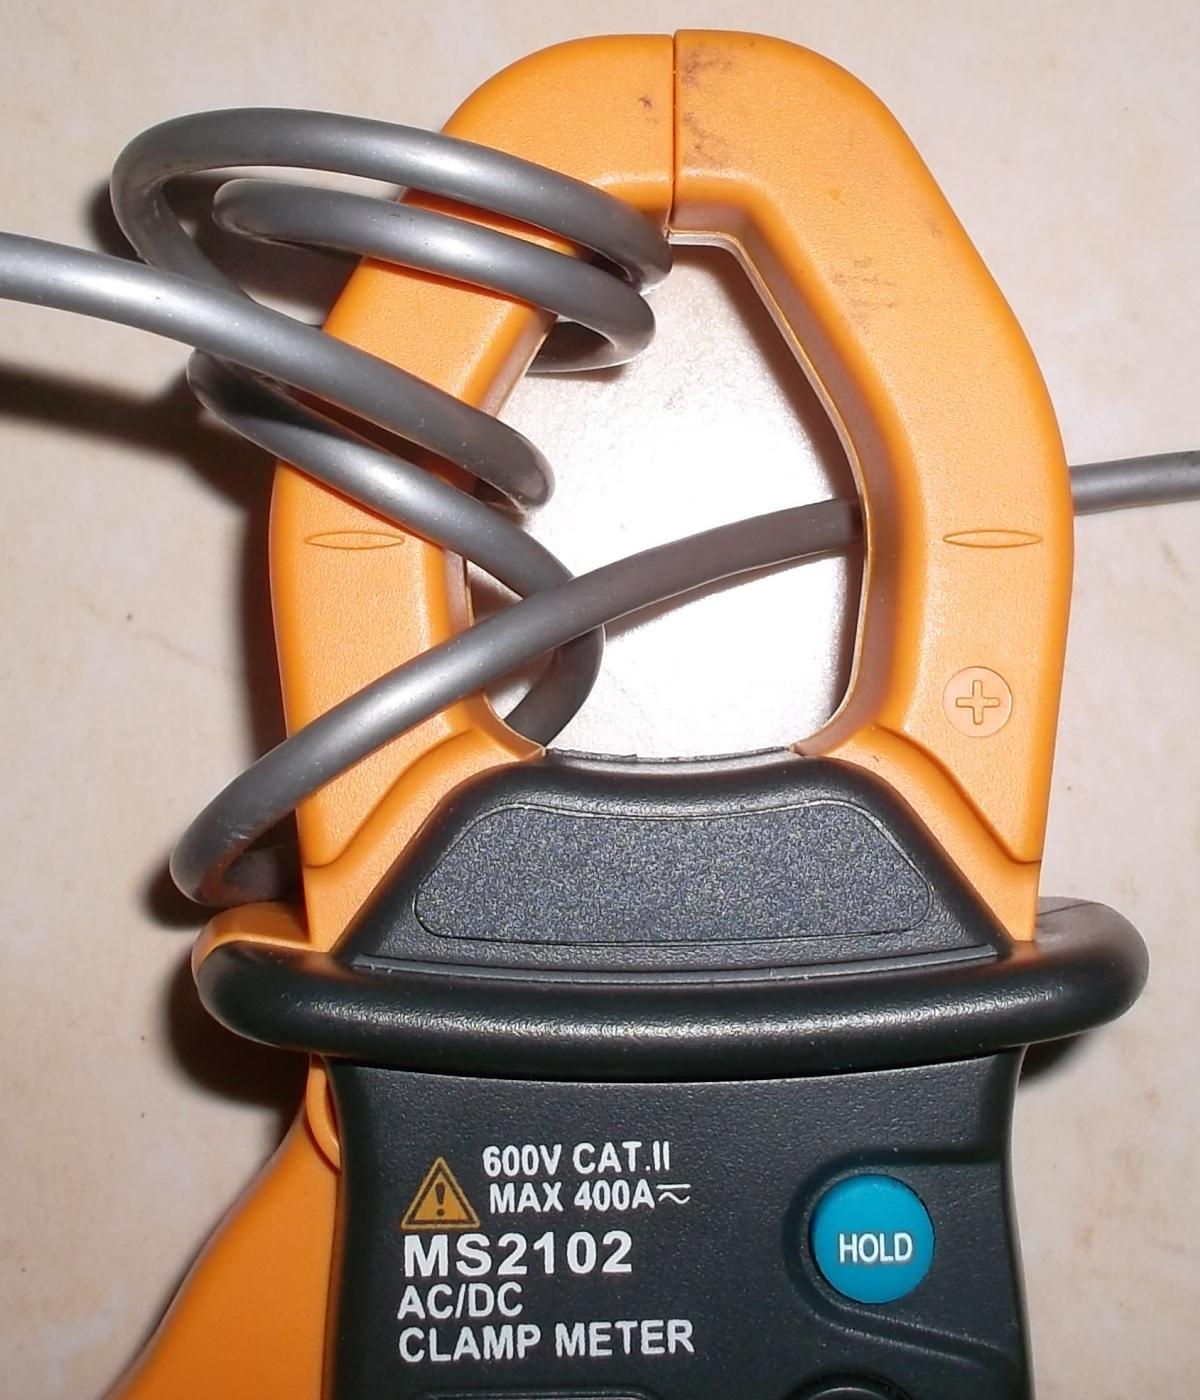 Stromzange.JPG.462b9b9c56bec81ce347e08503678a98.JPG